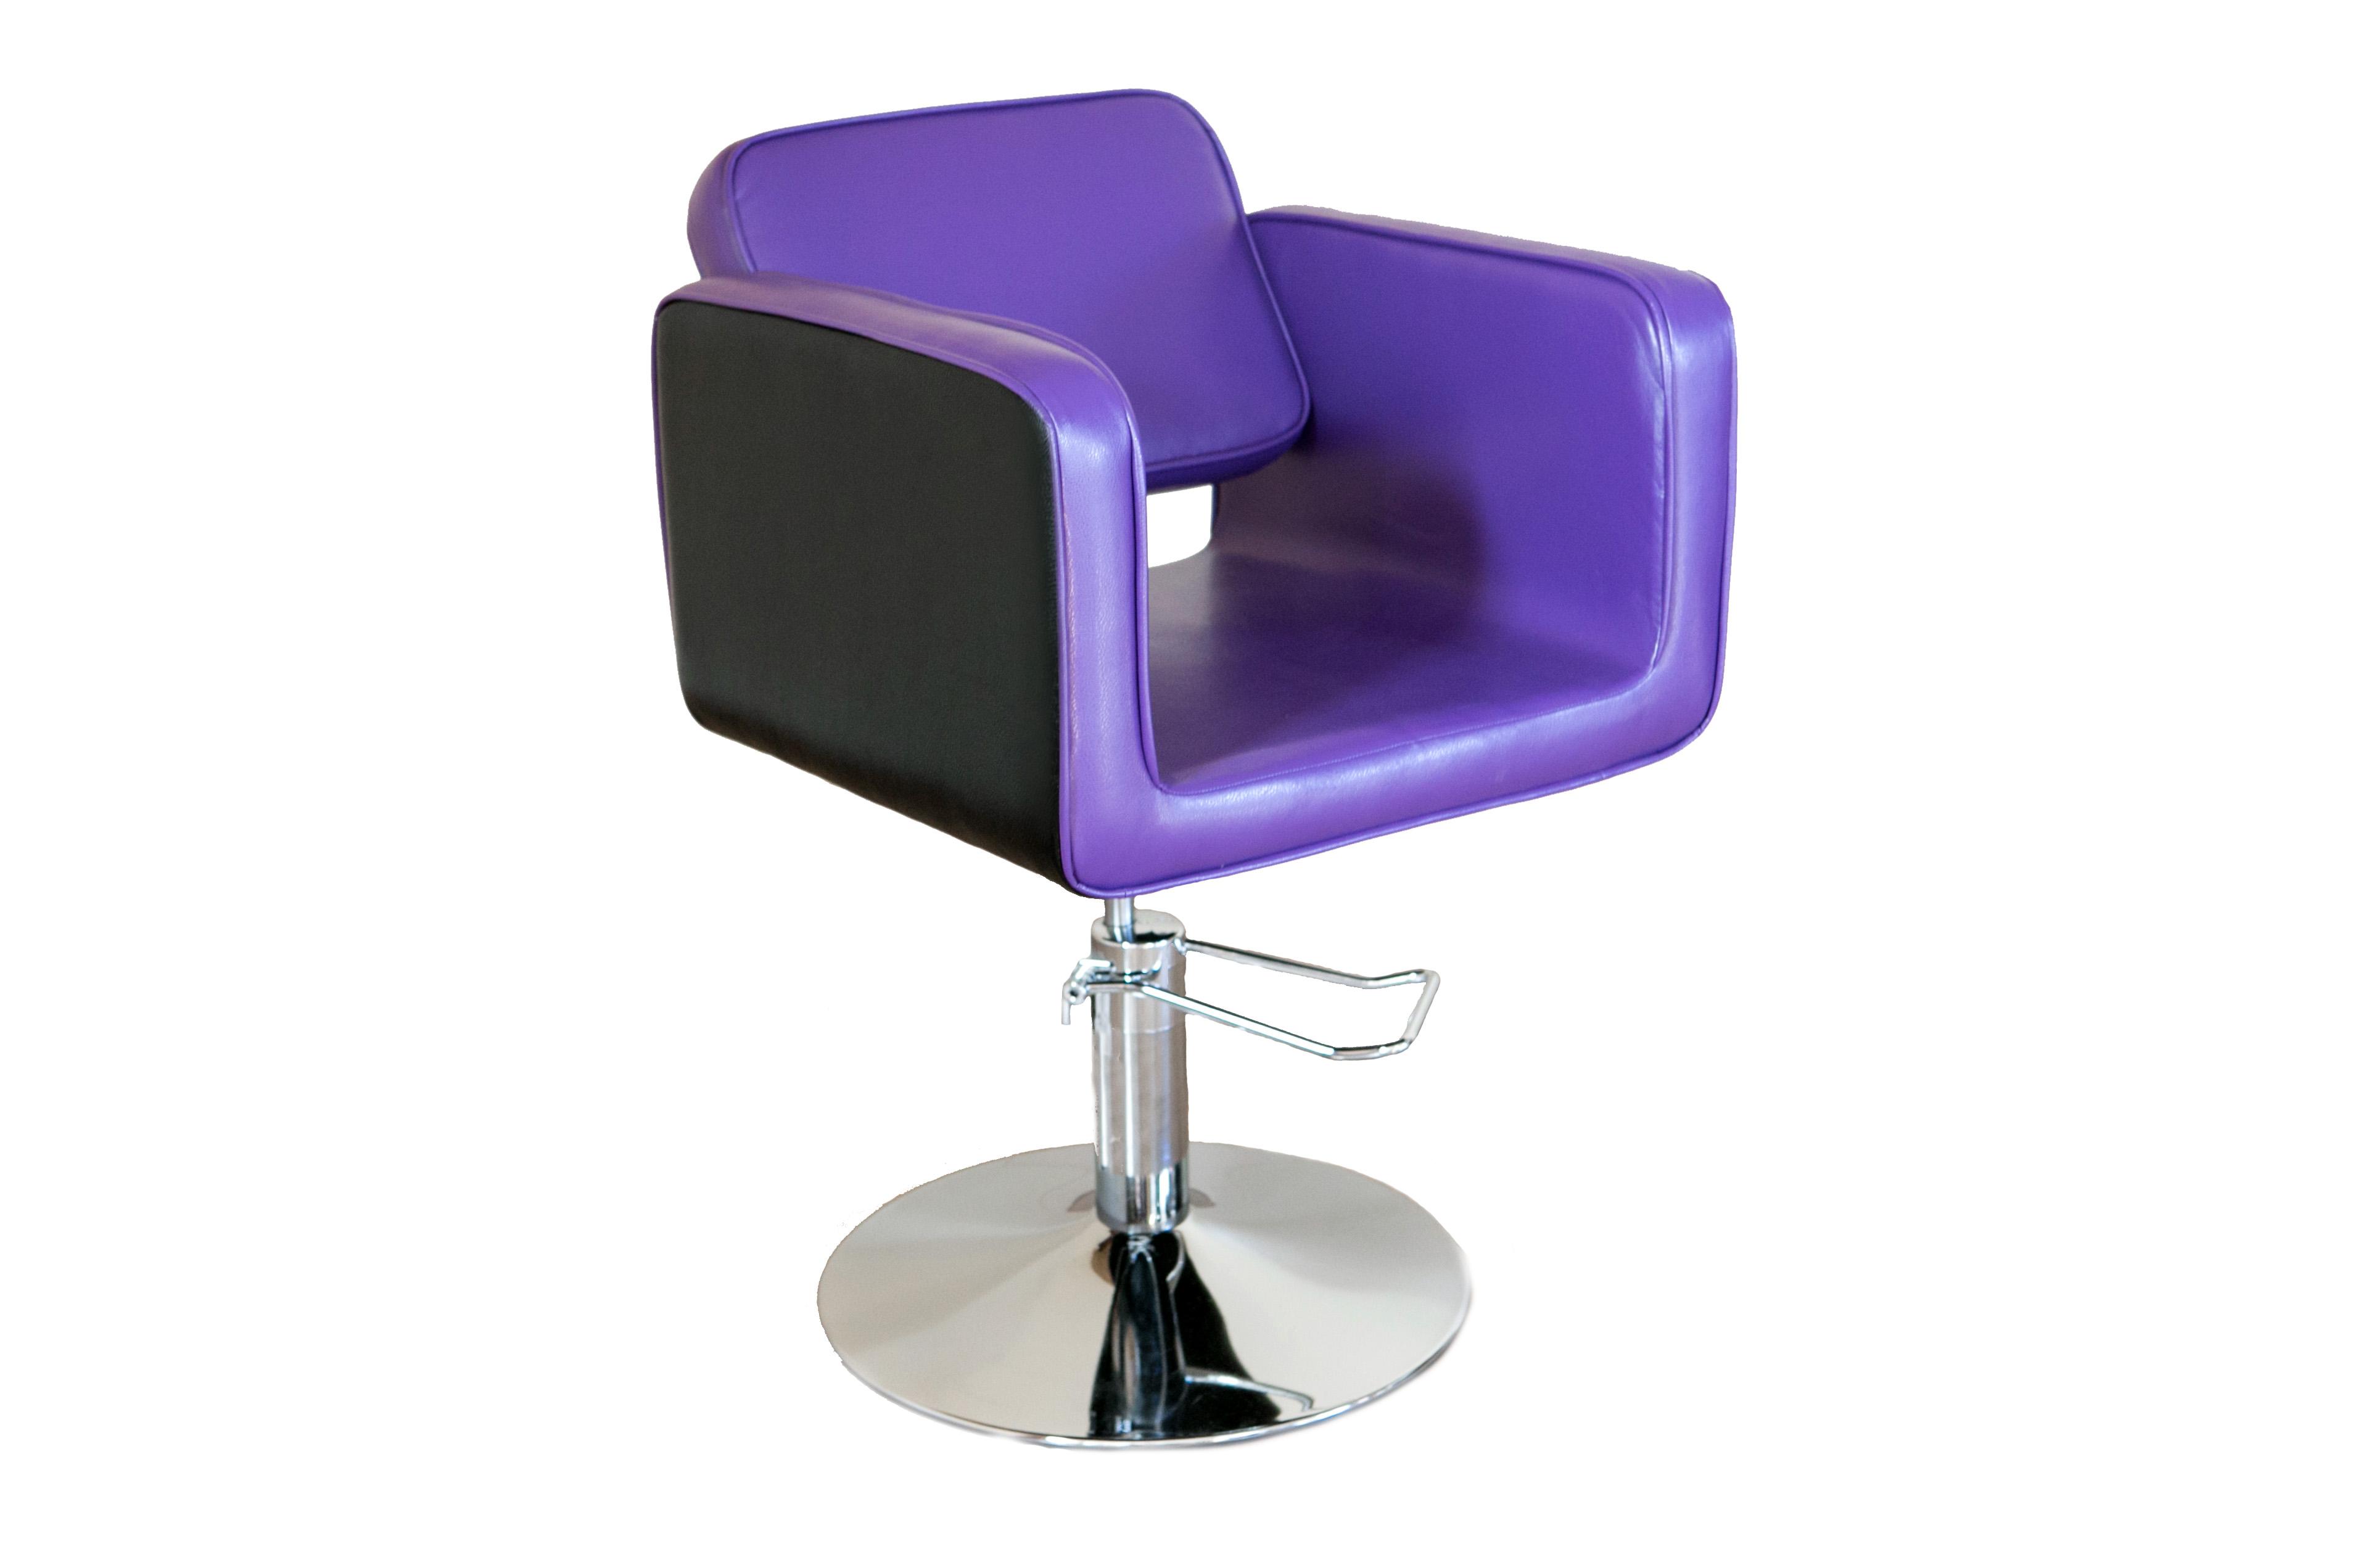 Купить Парикмахерская мебель Mebel Studio, Парикмахерское кресло Mebel Studio Justine